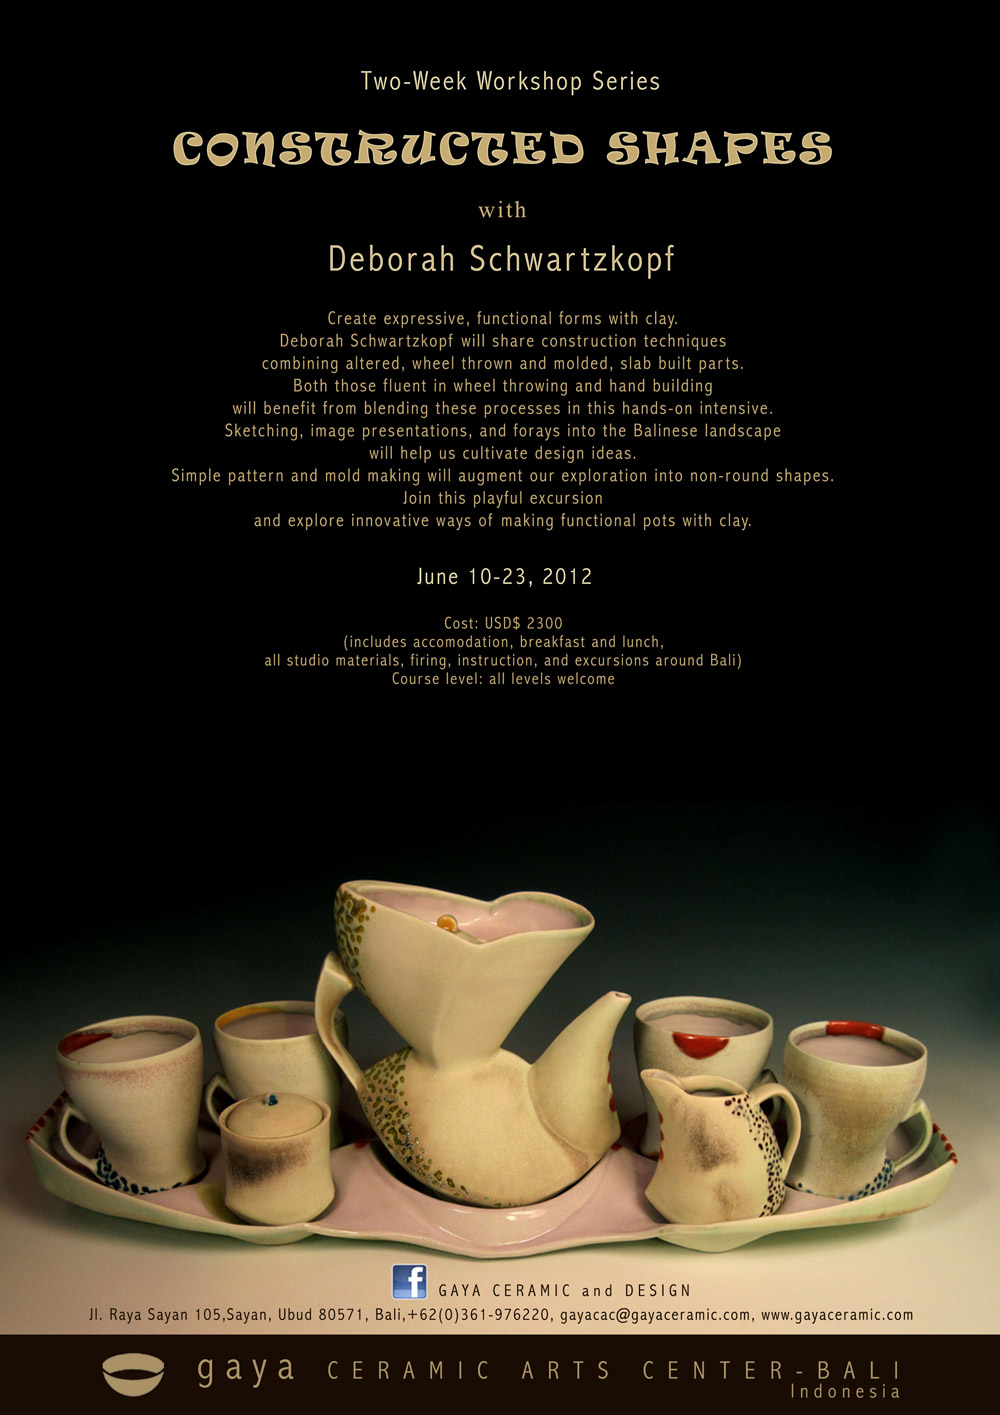 2012-06-DebShwartzkopf.jpg